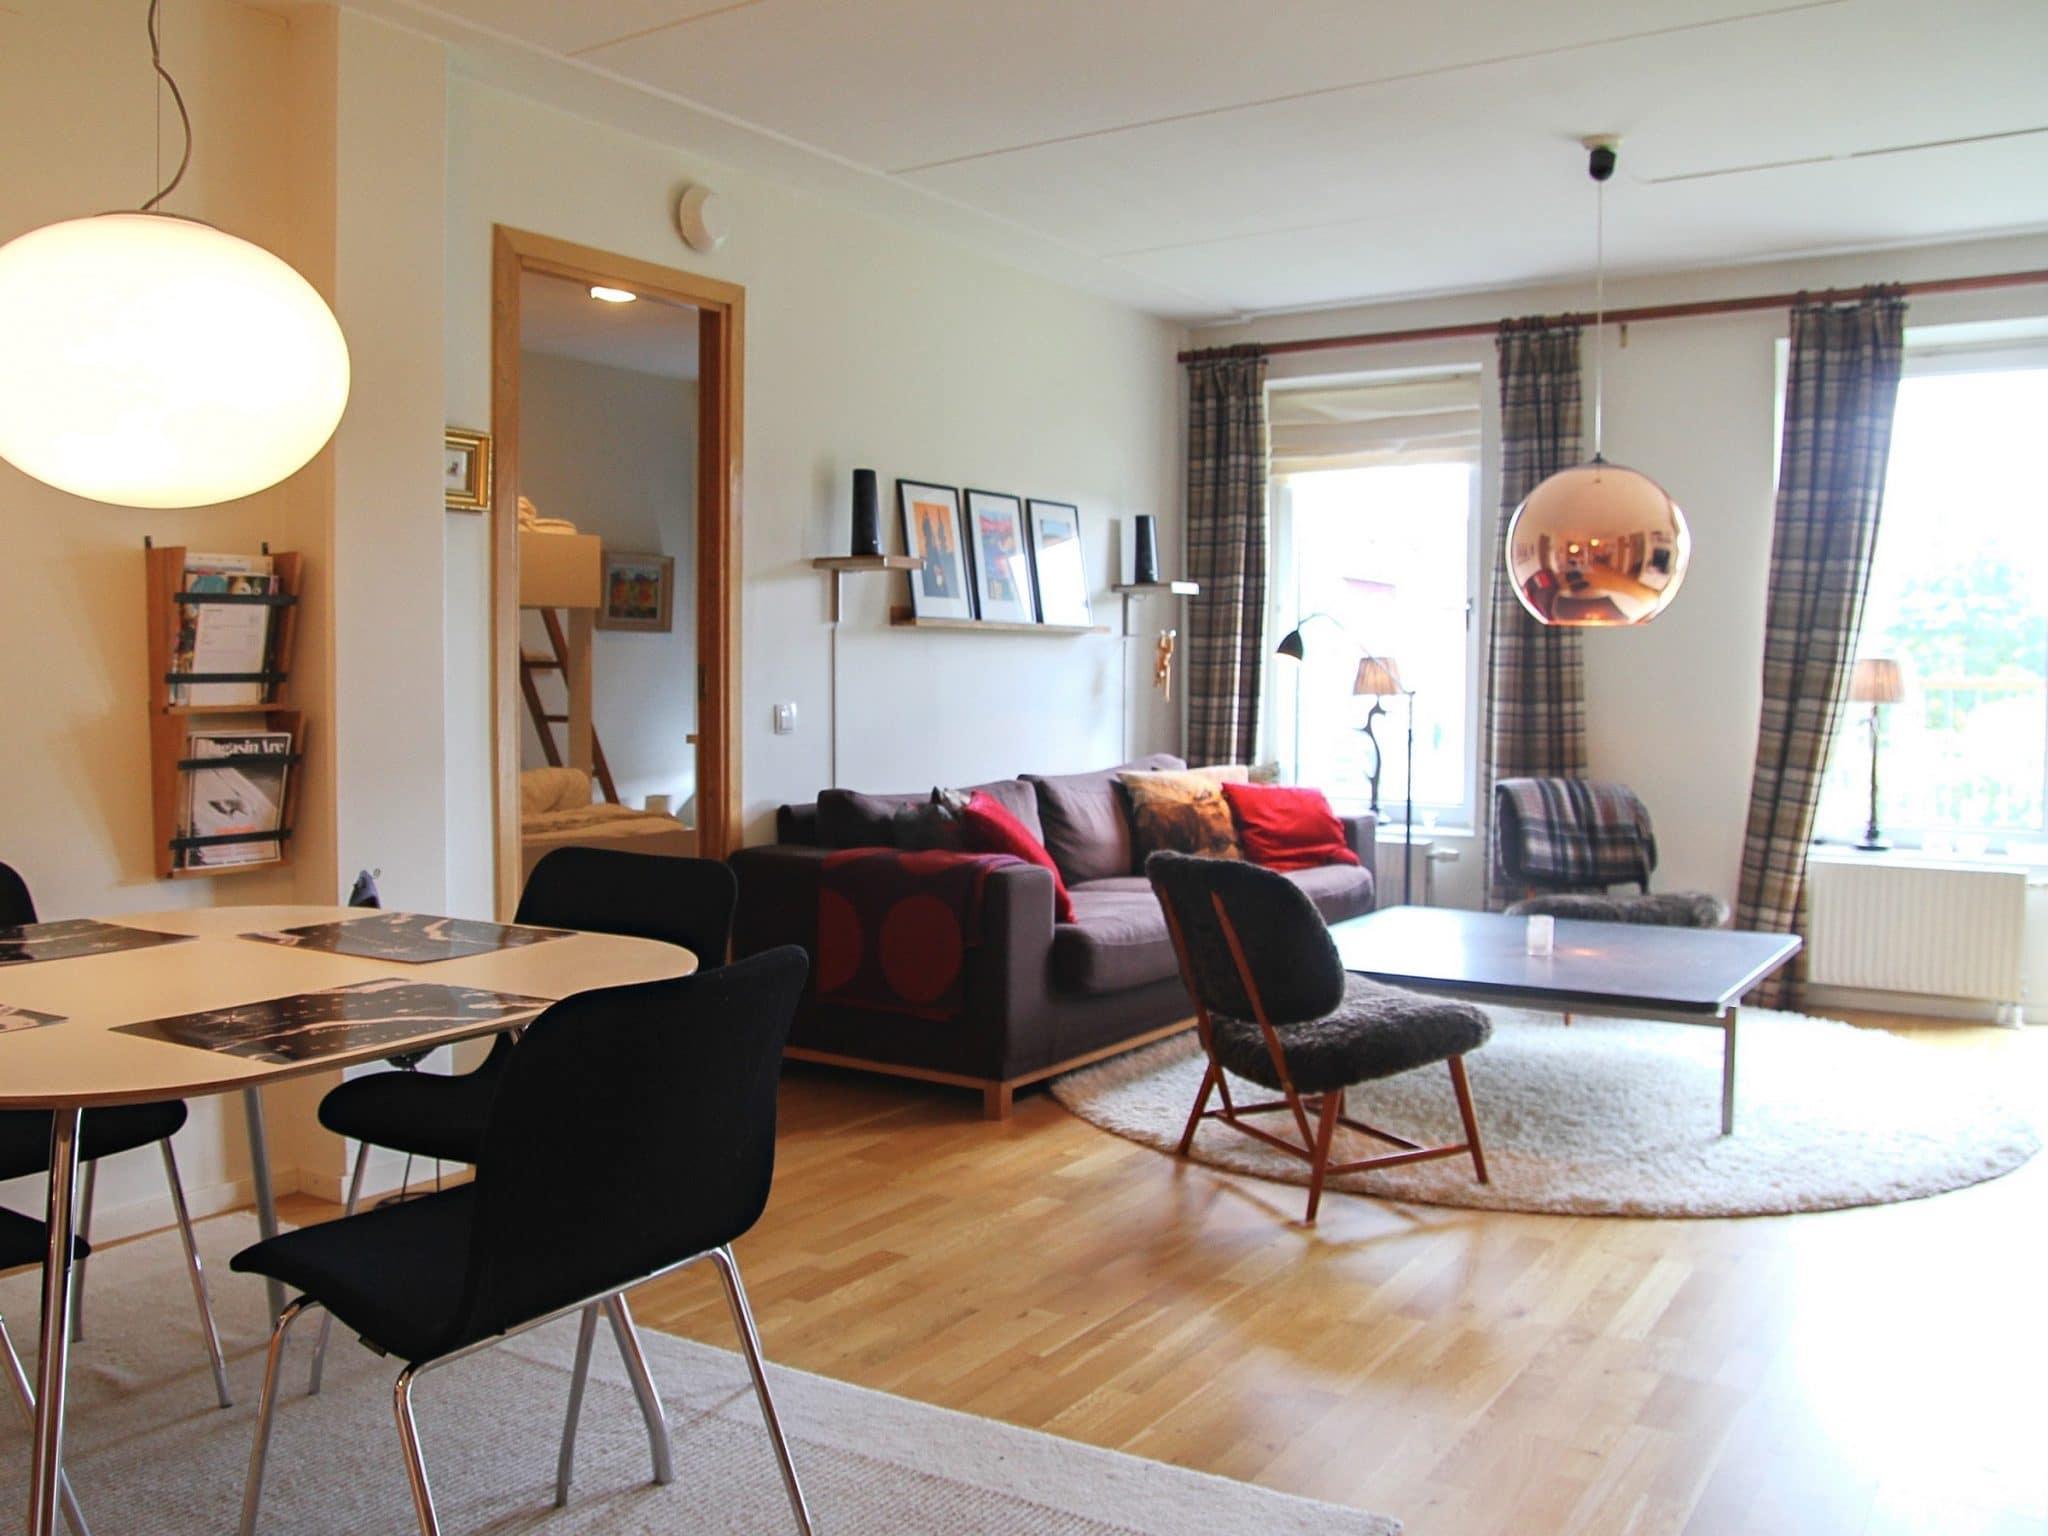 Vardagsrum i Åreparken i Åre med svart soffa och kopparlampa